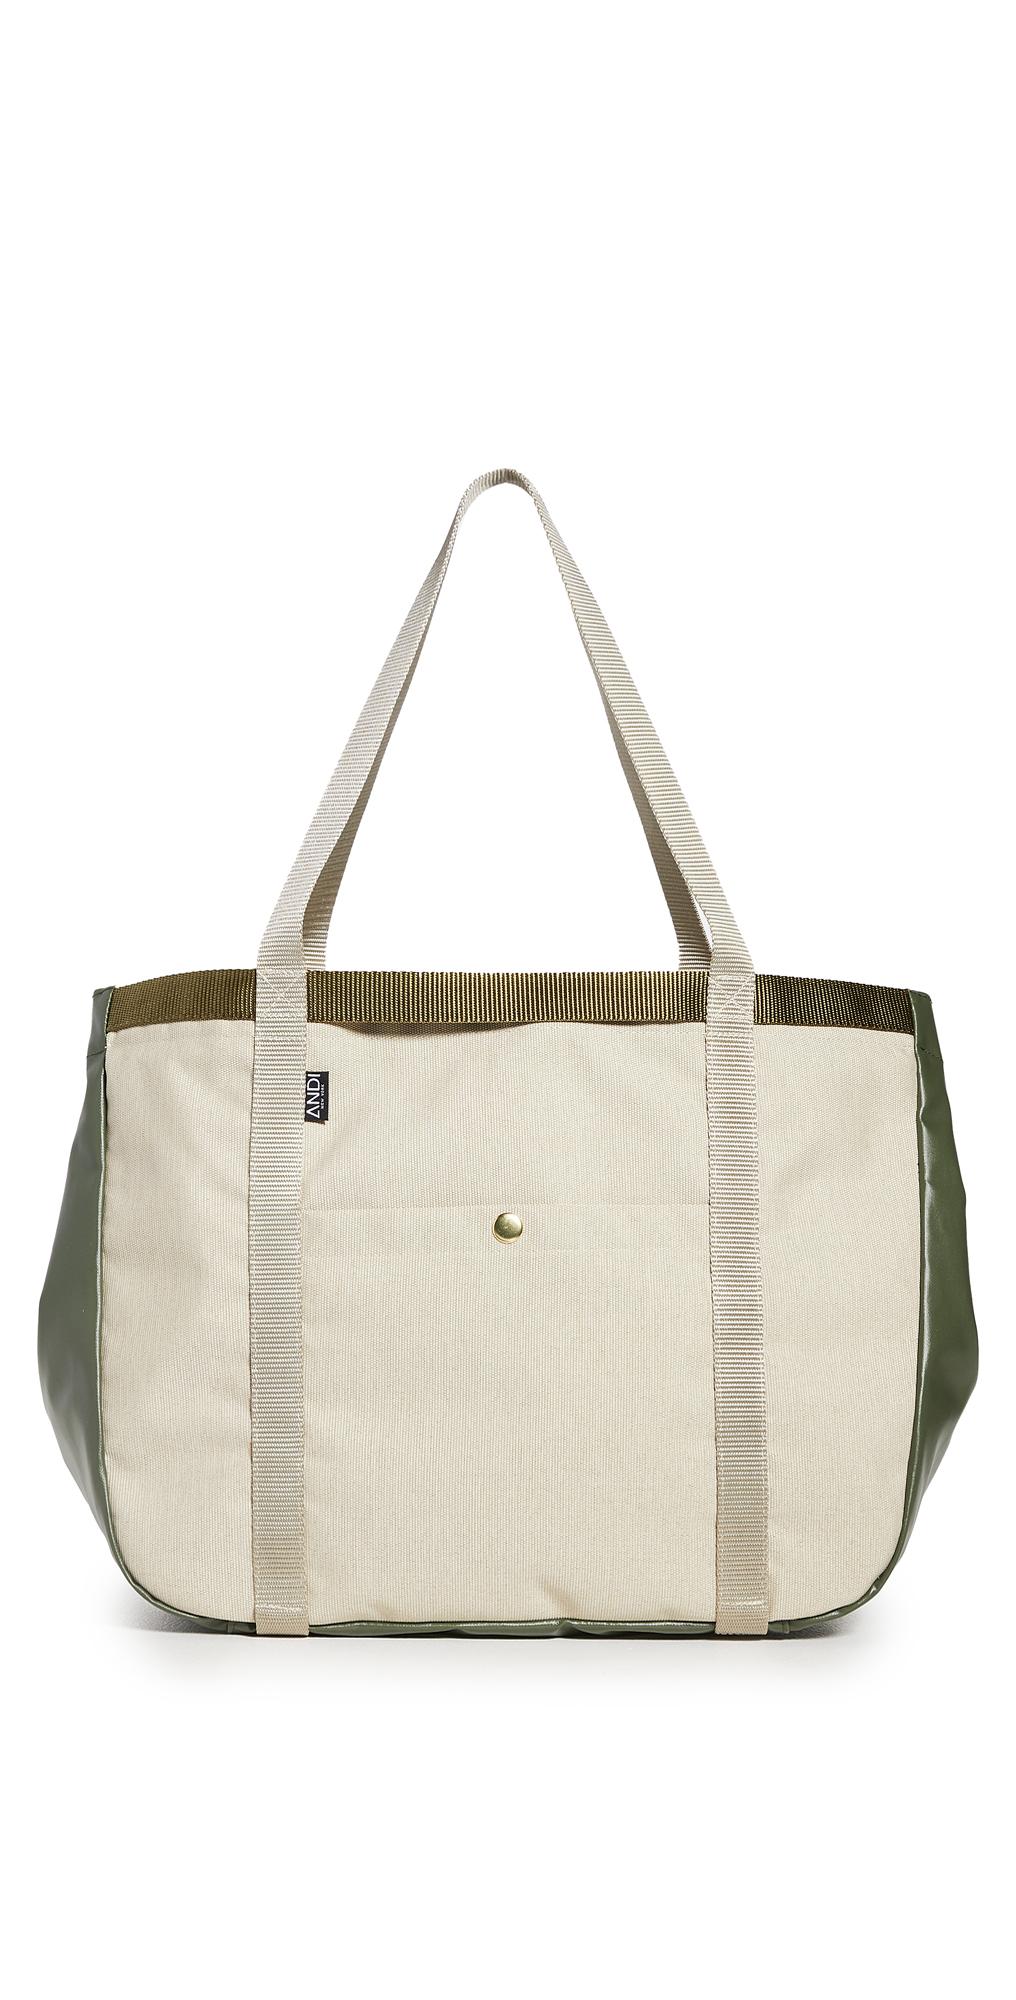 ANDI Sand Denim Summer Tote Bag